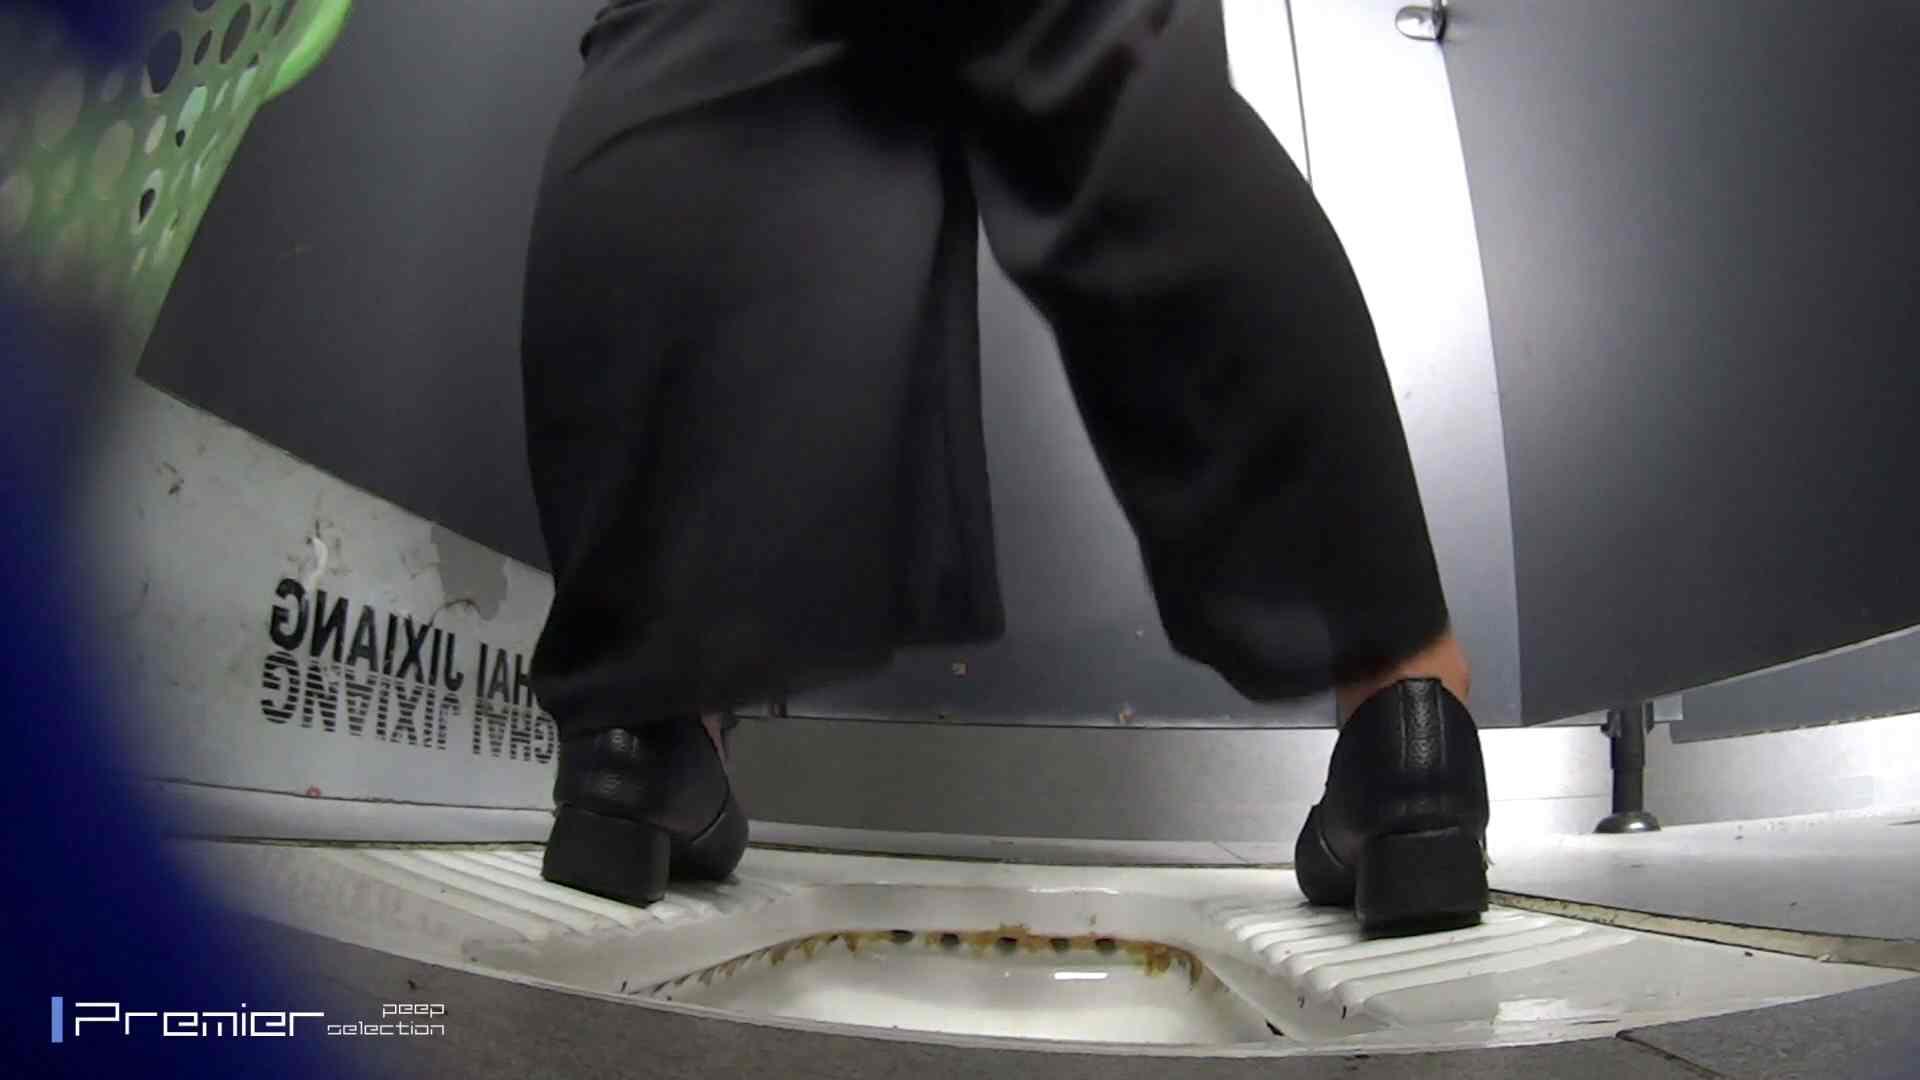 夏全開!ハーフパンツのギャル達 大学休憩時間の洗面所事情44 高画質 オメコ無修正動画無料 105画像 8